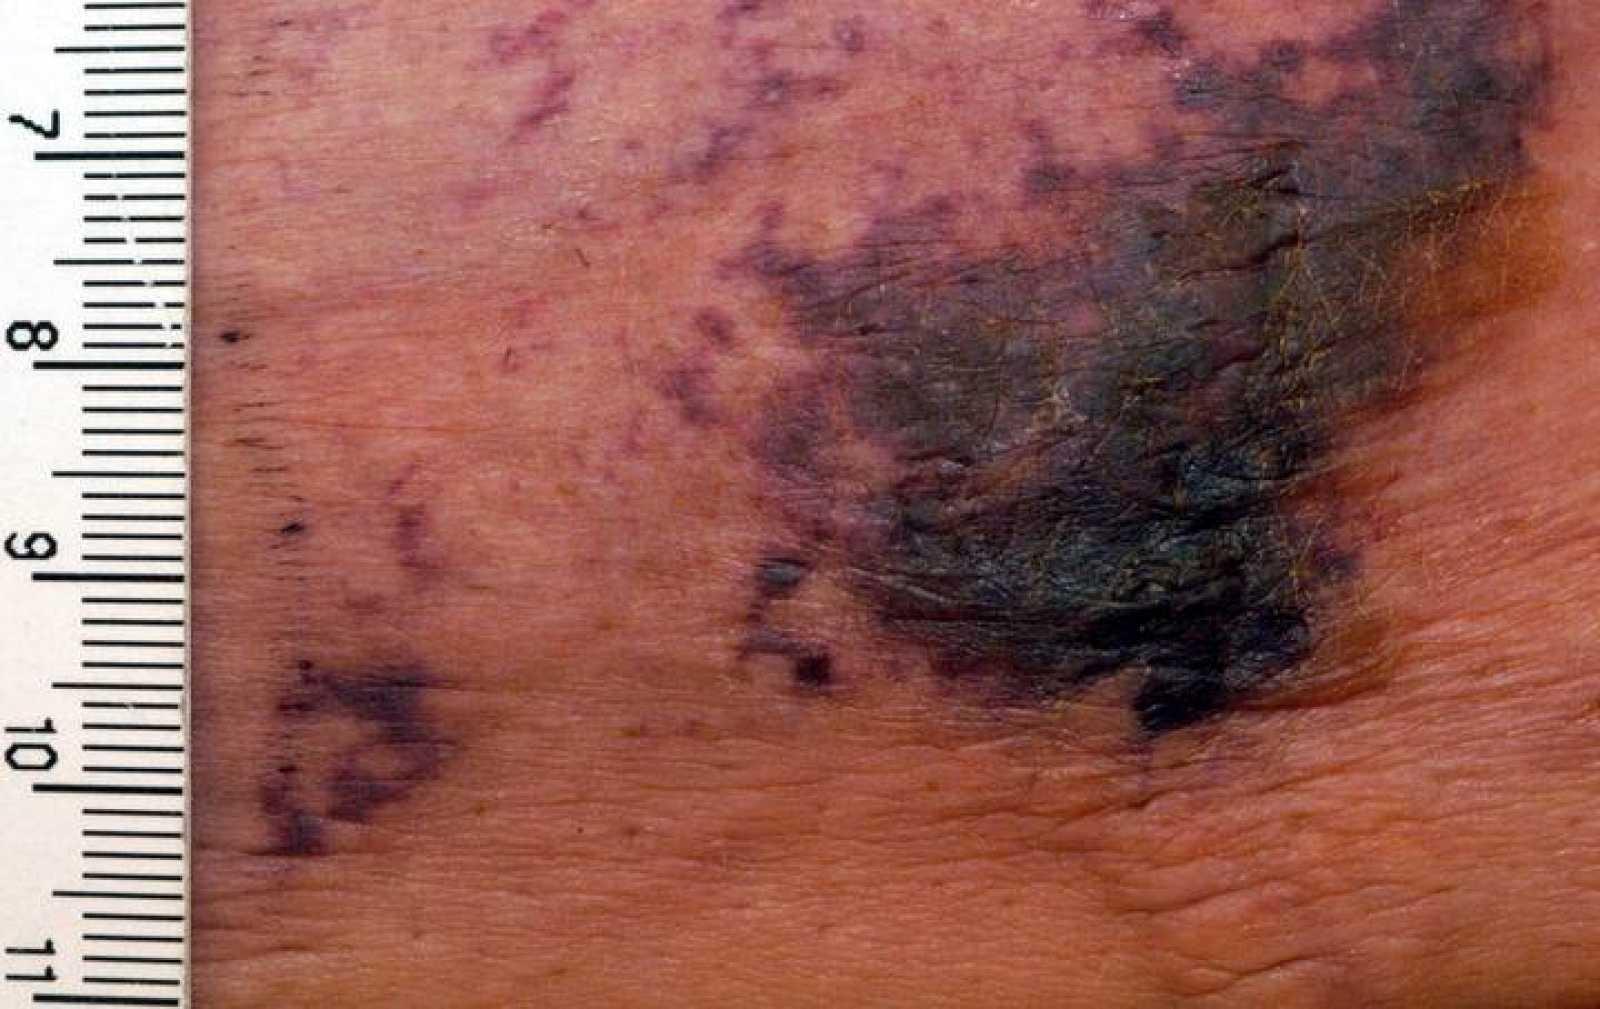 Calcifilaxis en el abdomen de un paciente con una enfermedad renal en estado terminal.